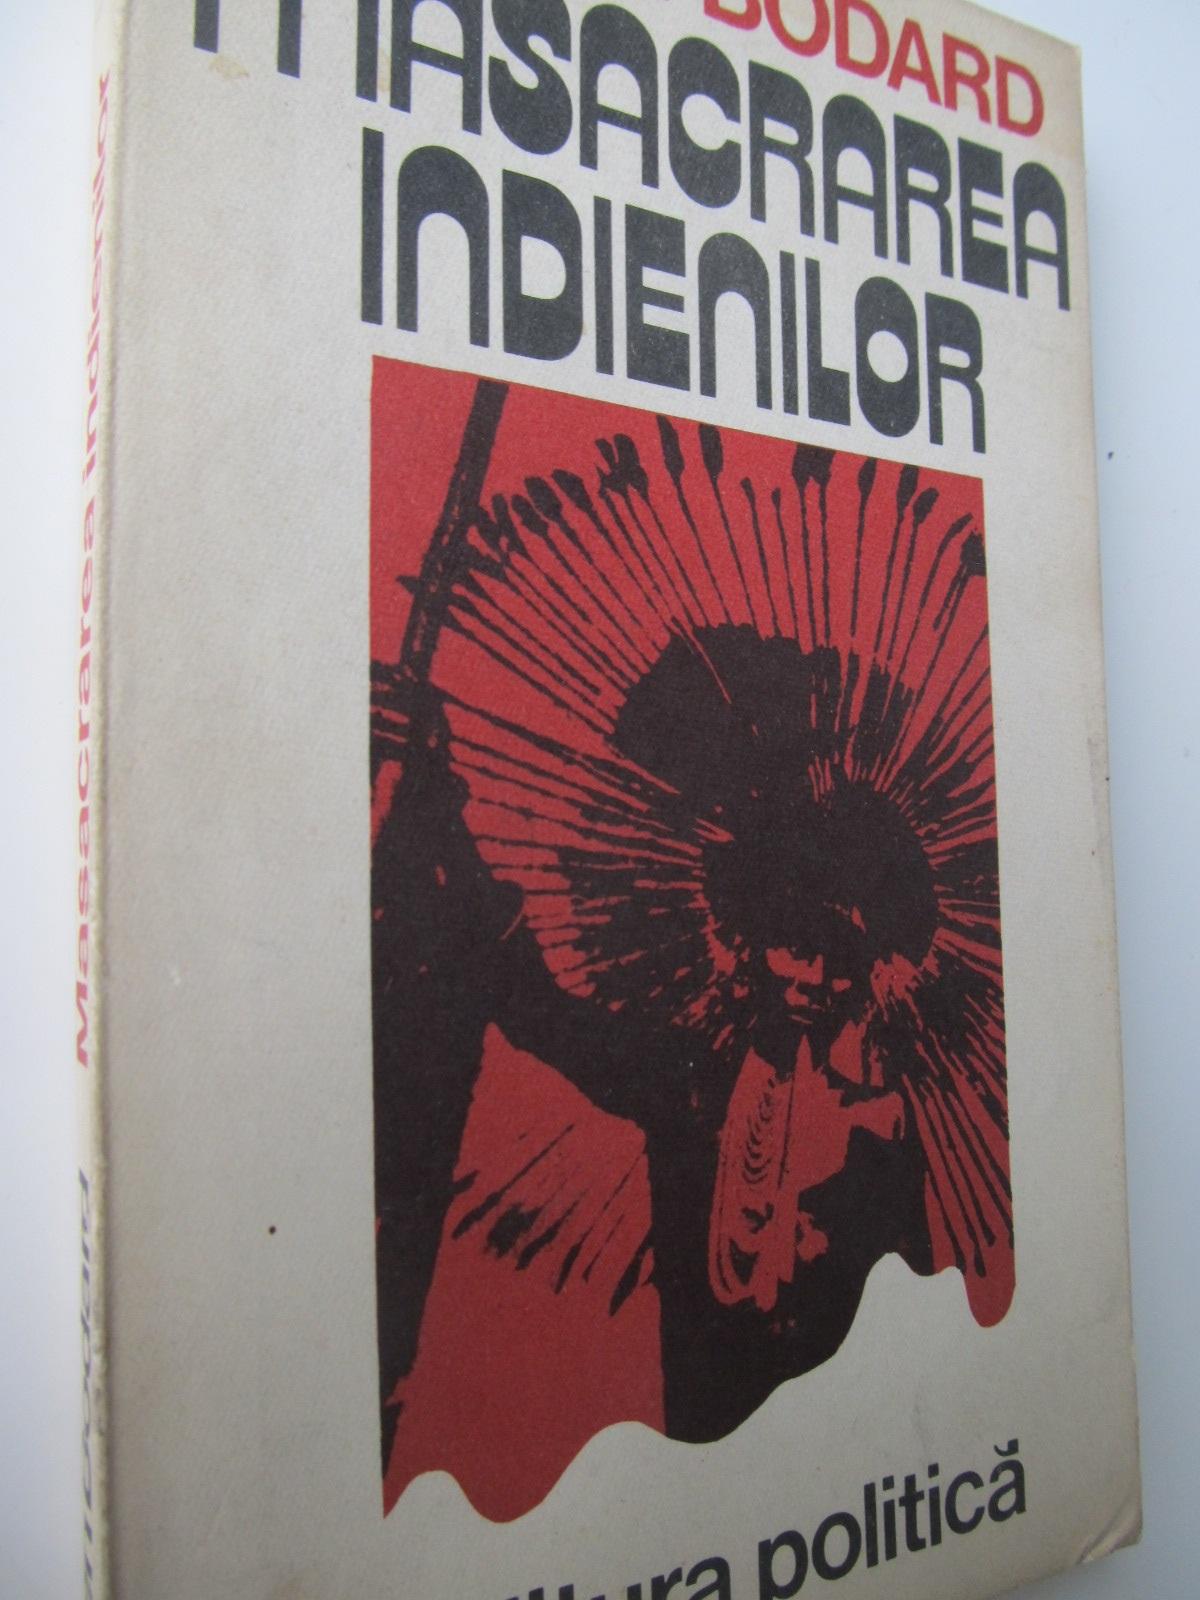 Masacrarea indienilor - Lucien Bodard | Detalii carte